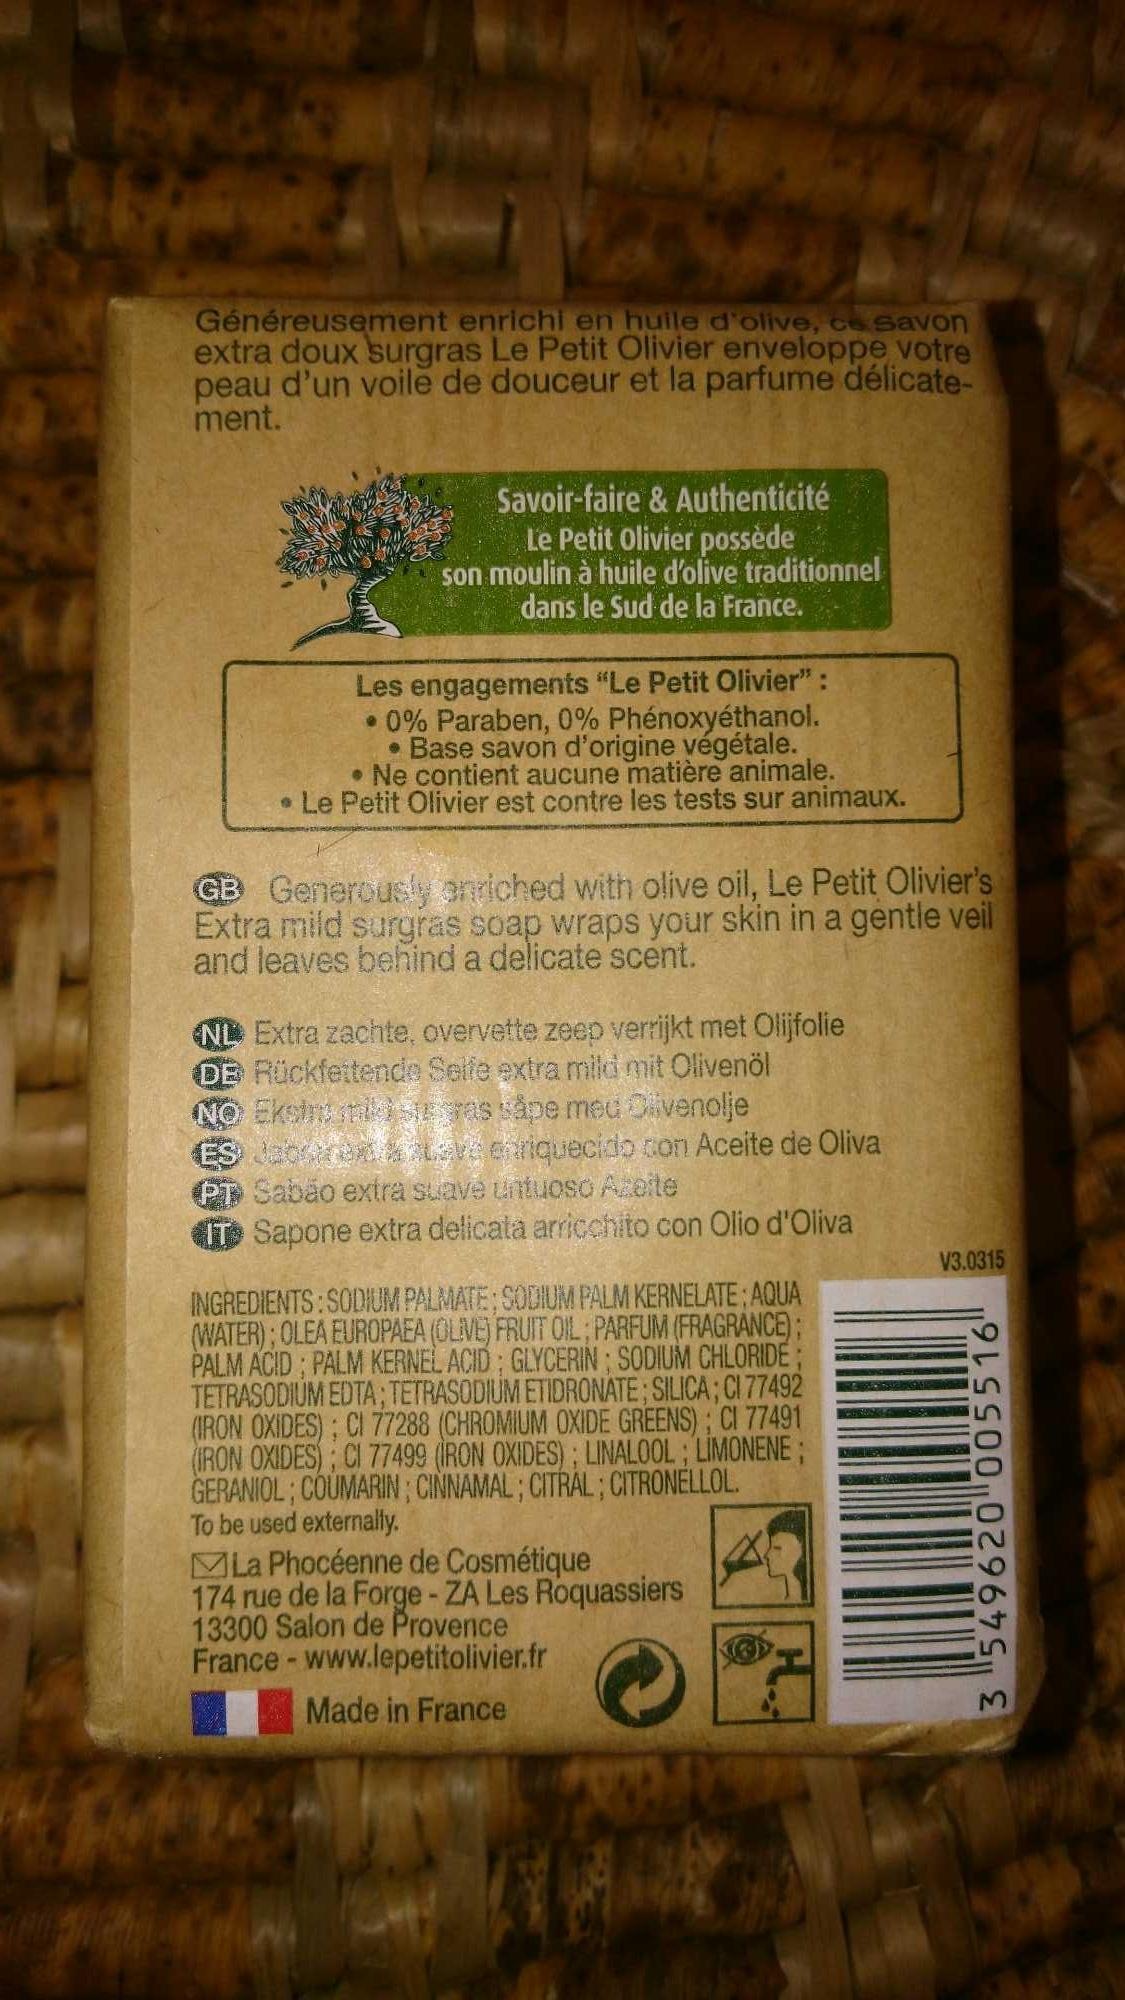 Savon Extra doux Surgras Huile d'Olive - Product - en